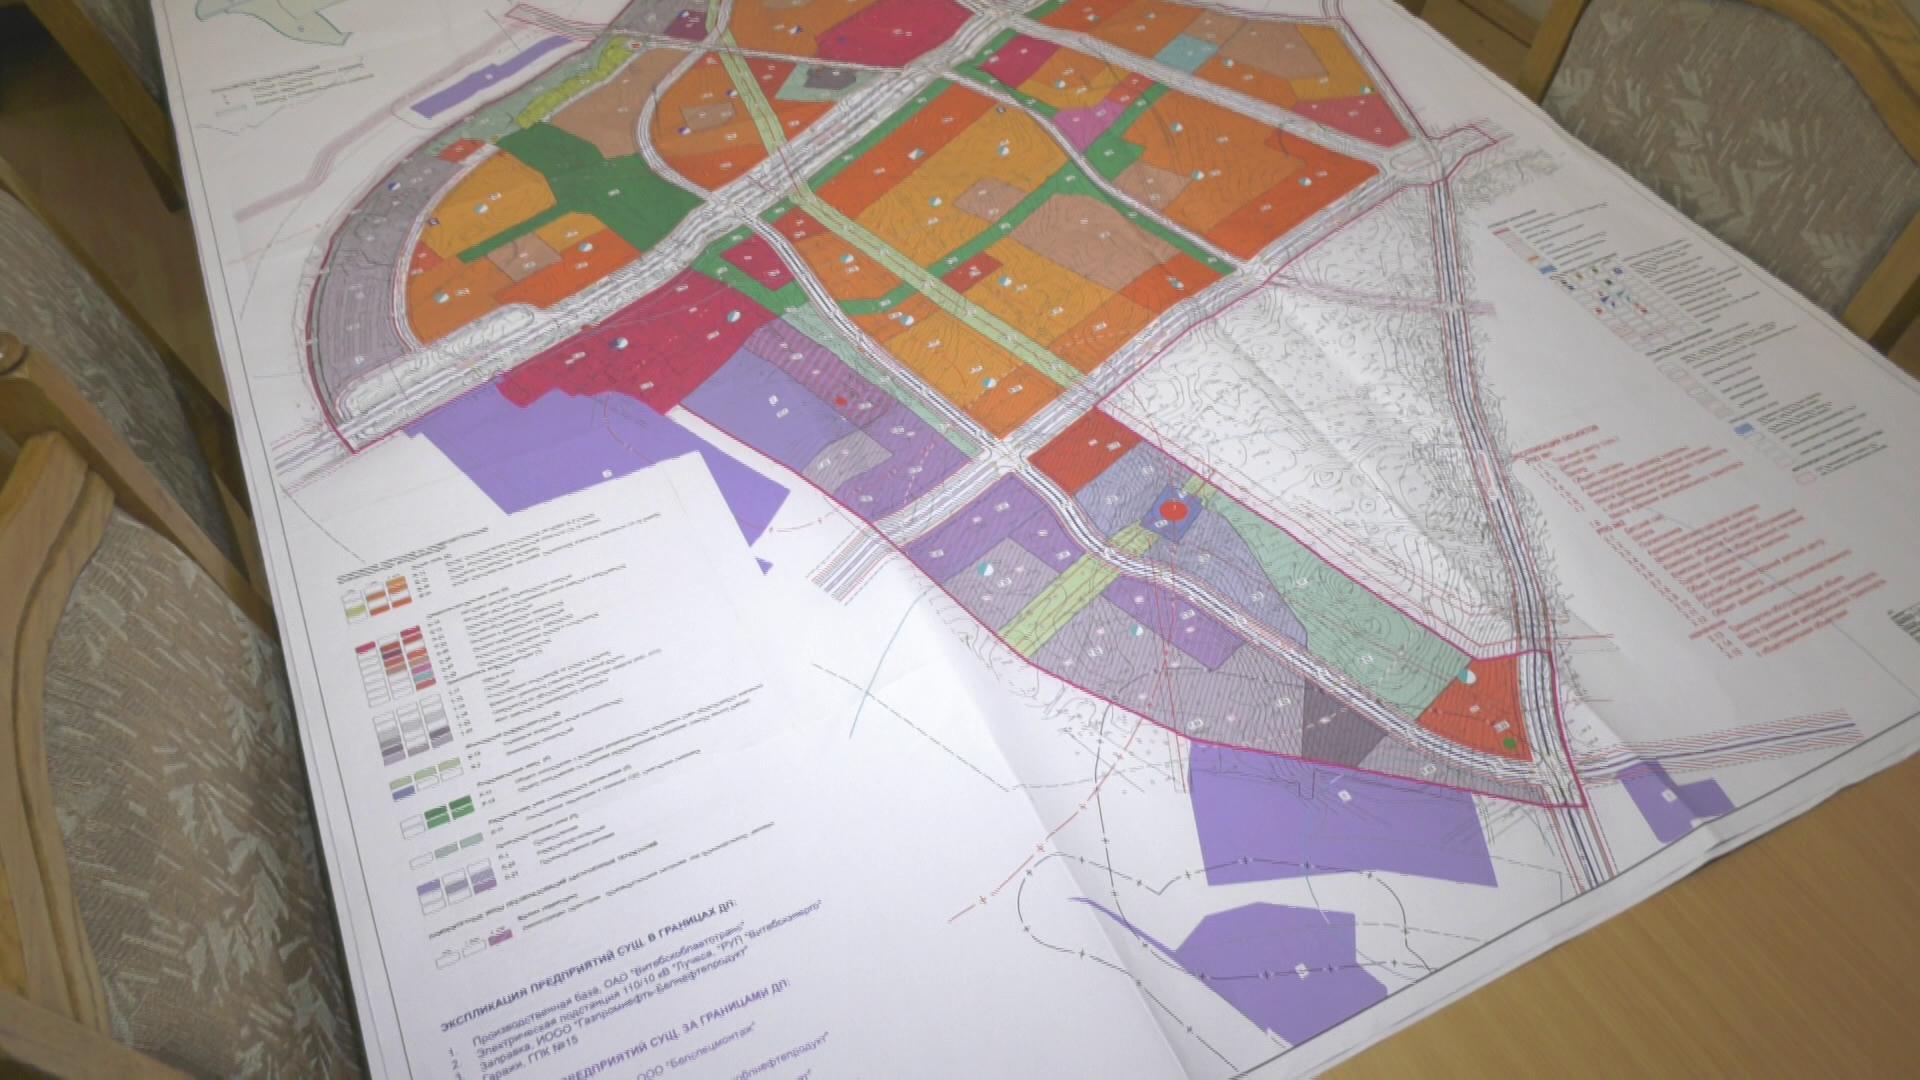 kvartal - Квартал электродомов планируют построить в Витебске (видео)